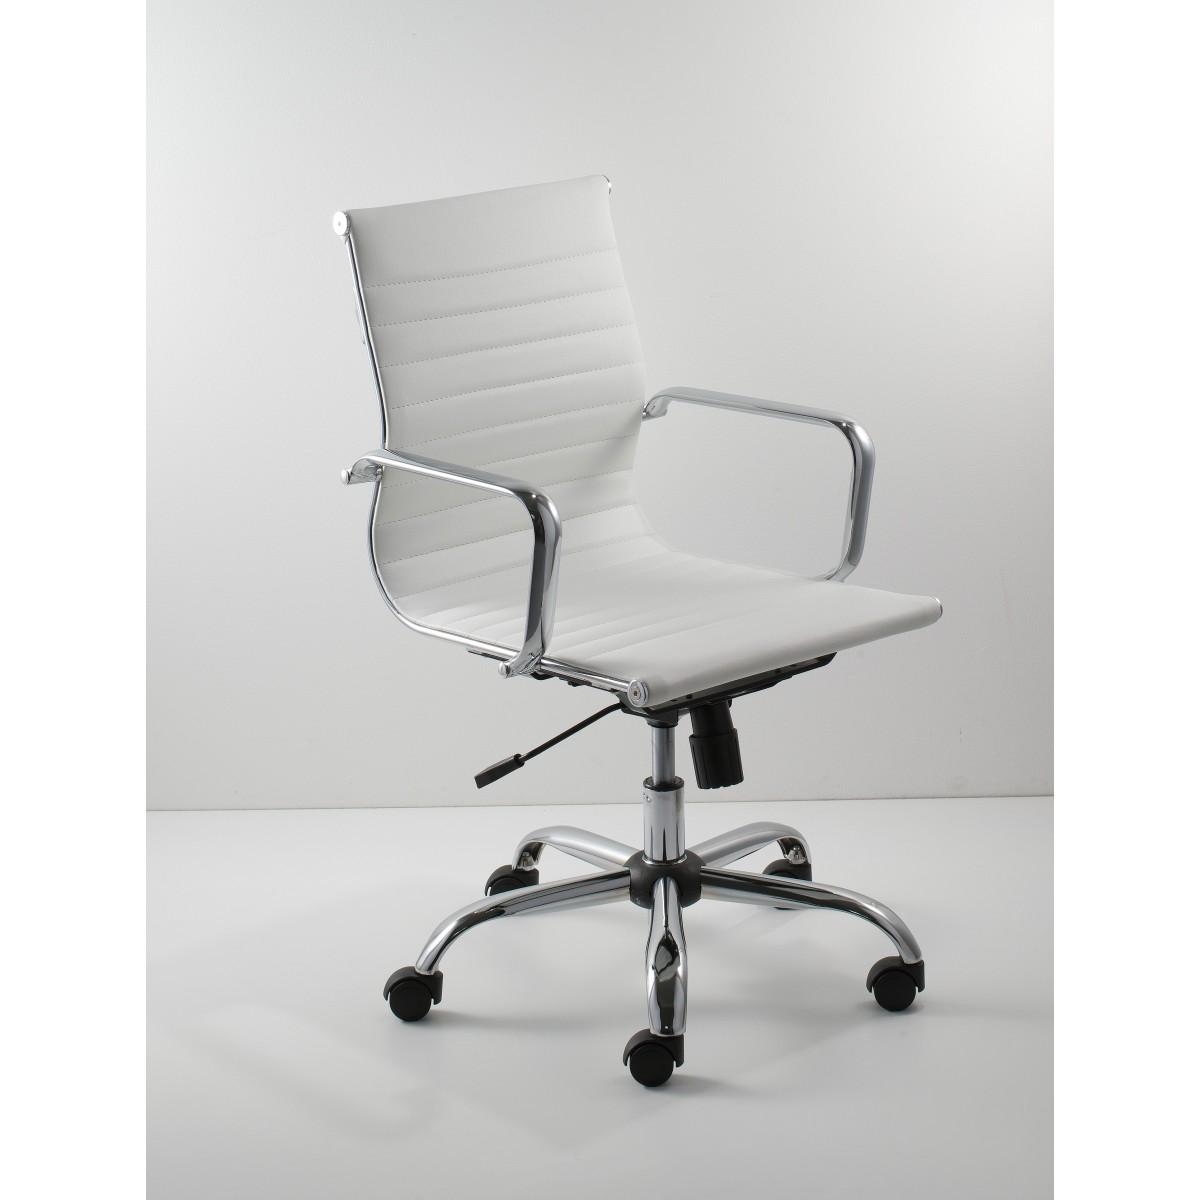 Poltrone ufficio design sedie sgabelli sedie design for Sedie vitra ufficio